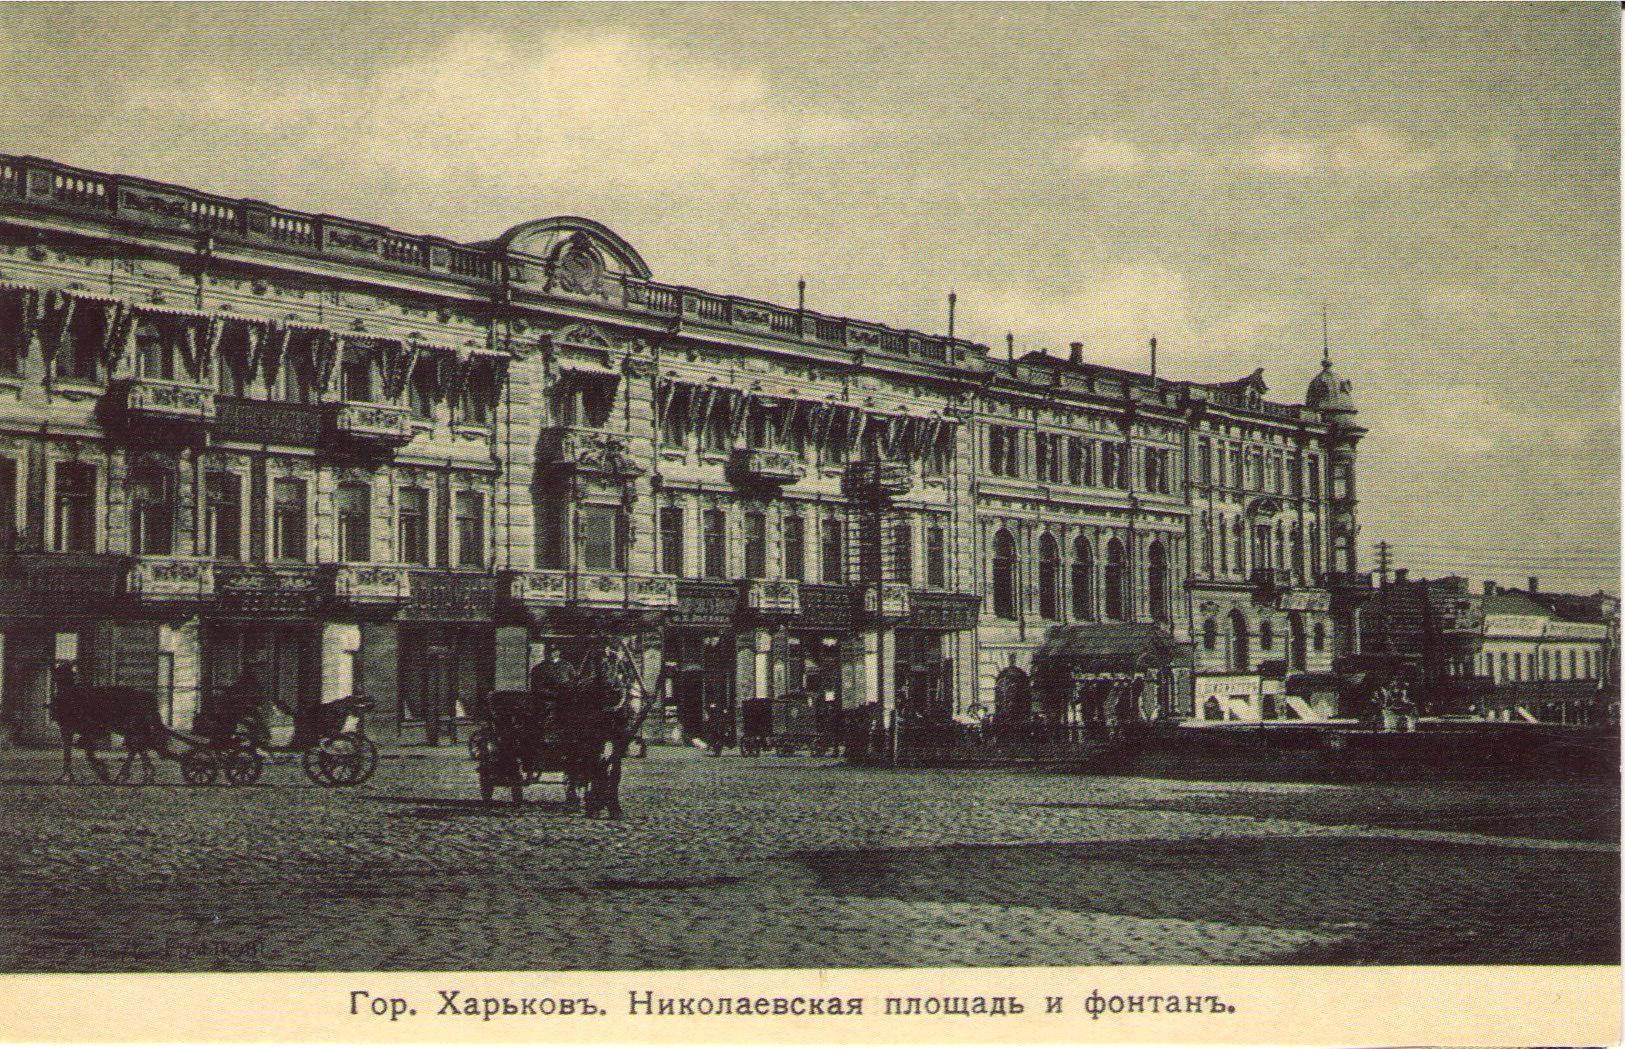 Николаевская площадь и фонтан напротив здания Городской думы